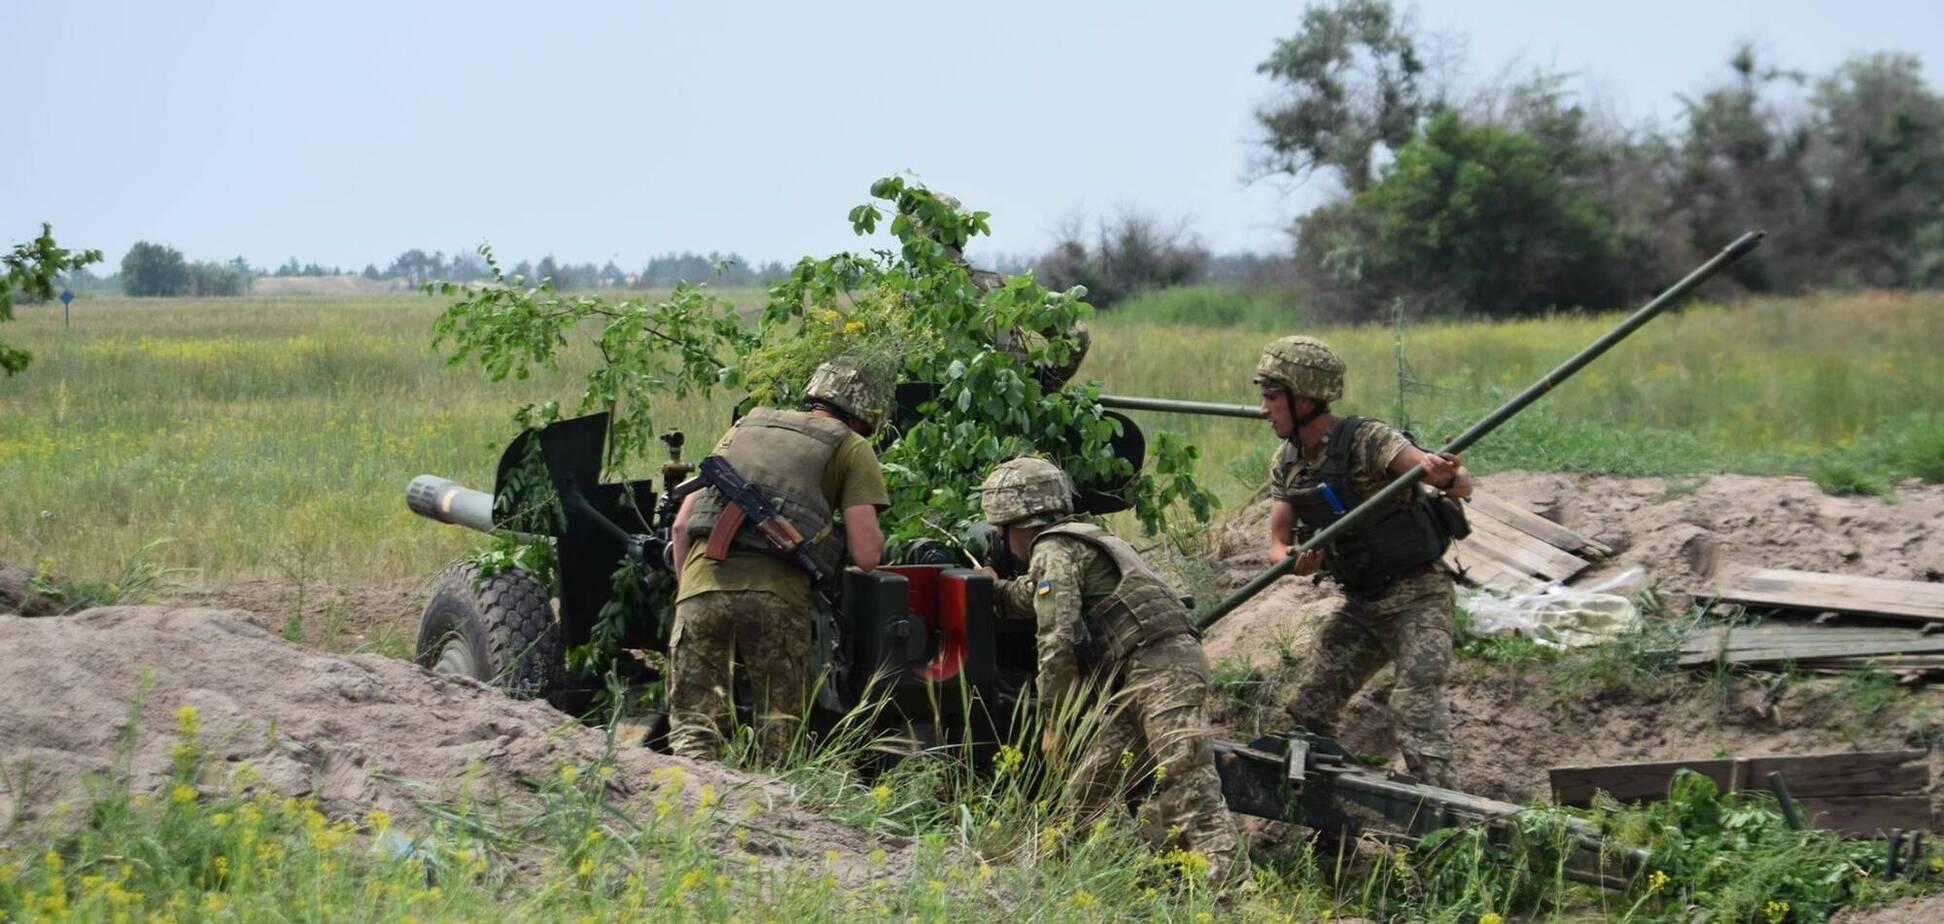 Кривонос рассказал о нереализованном плане вытеснить РФ из Крыма в 2014 году